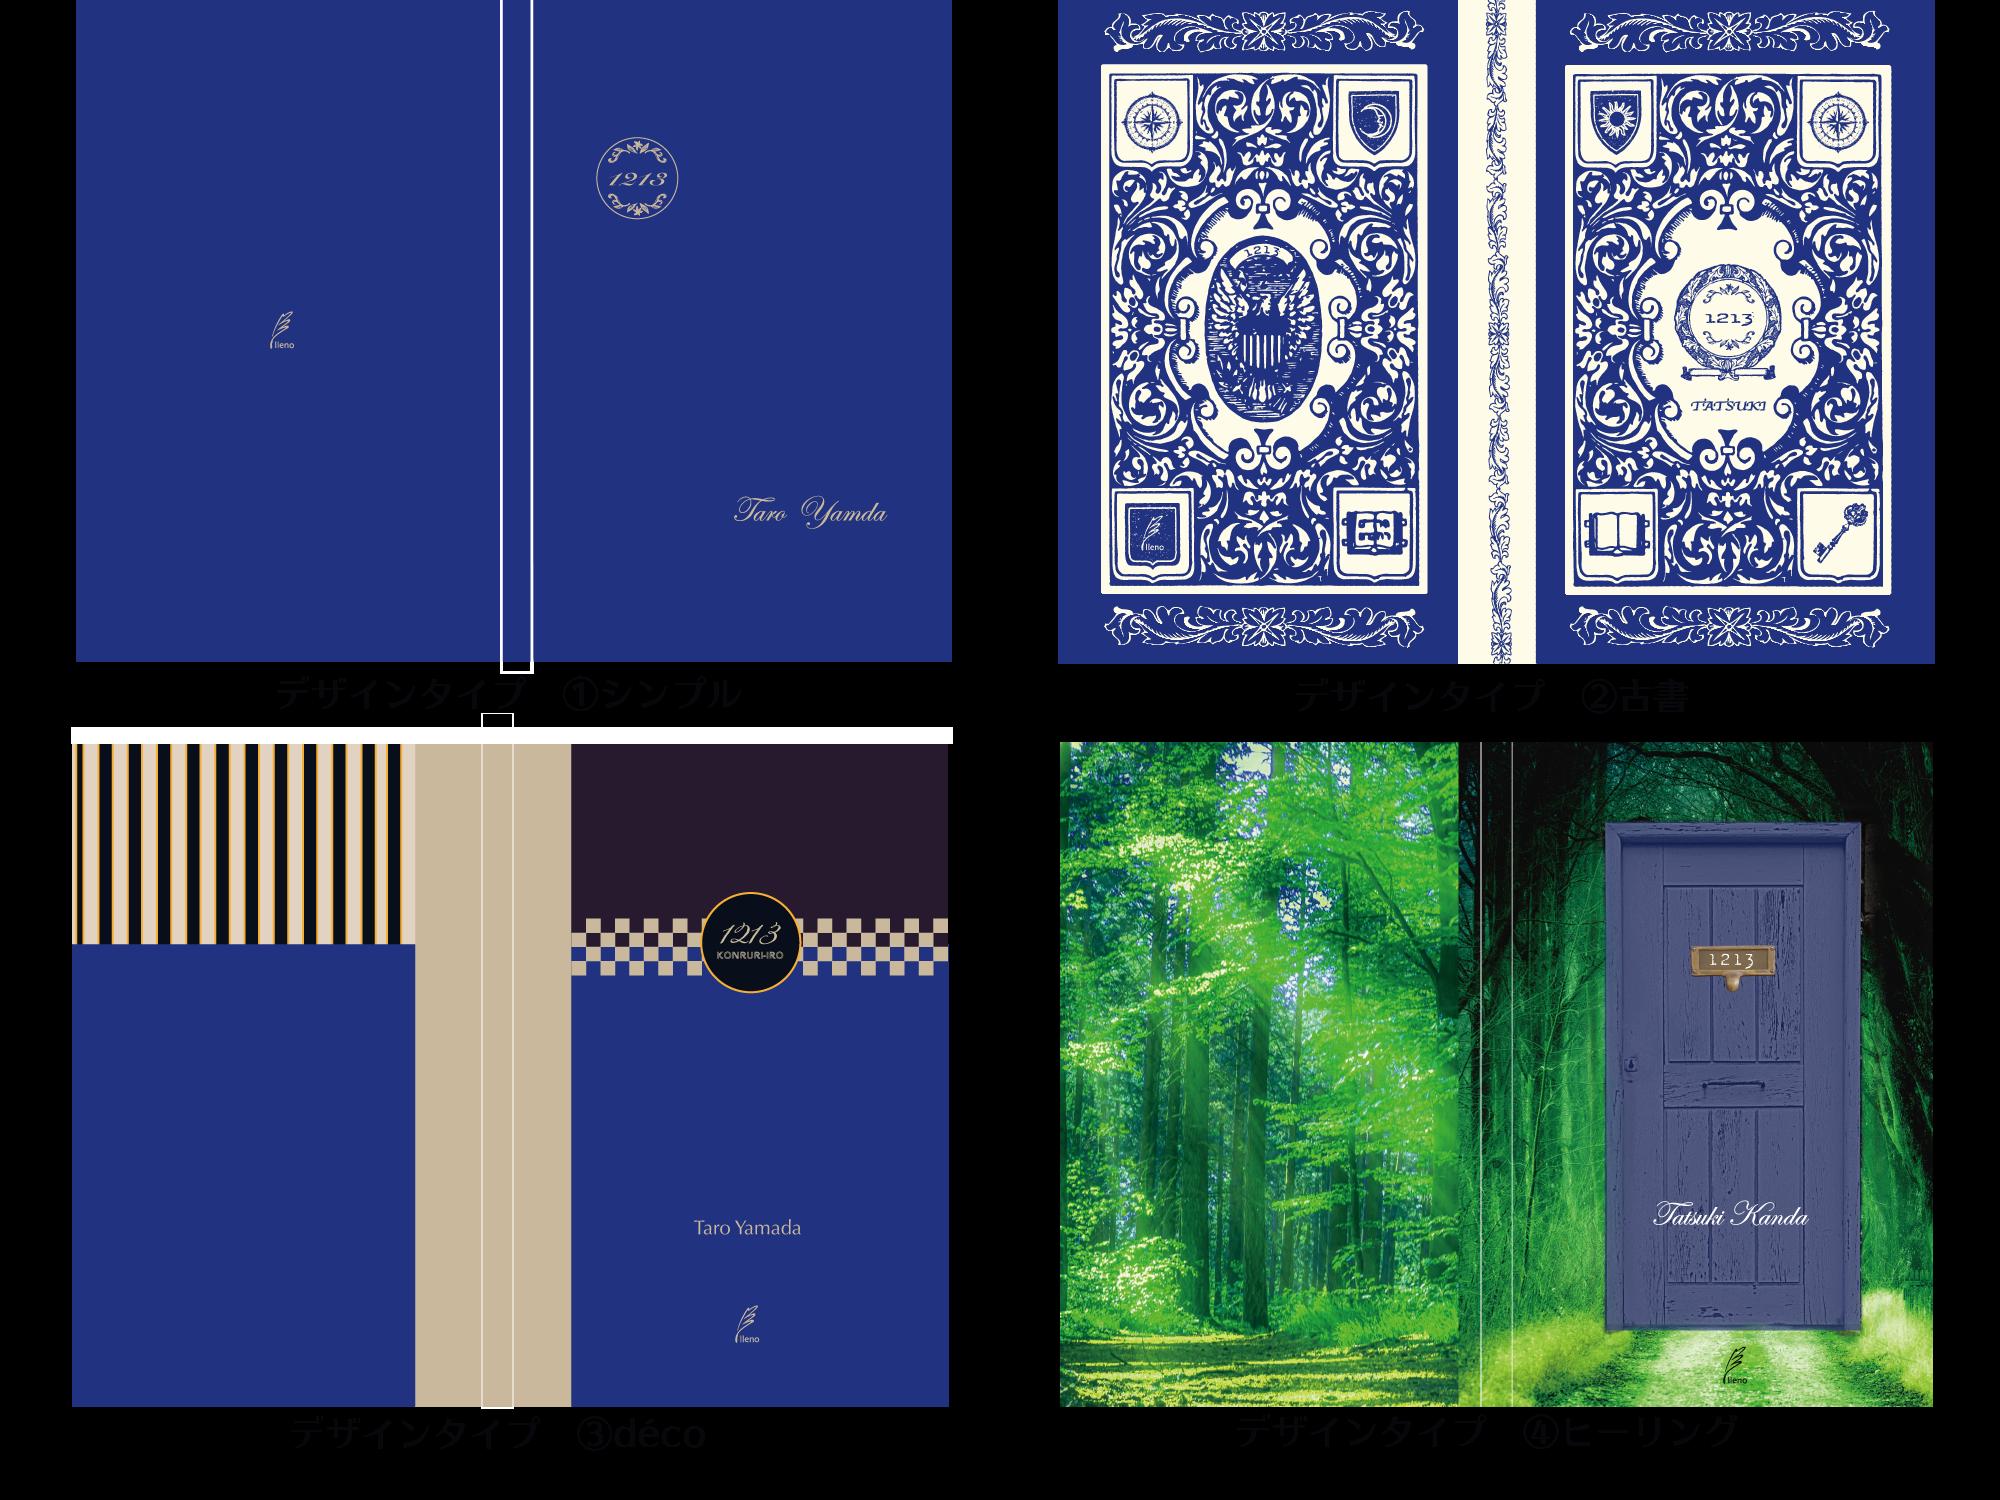 運命のノート『12月13日 紺瑠璃色』(鑑定&メッセージカード付)